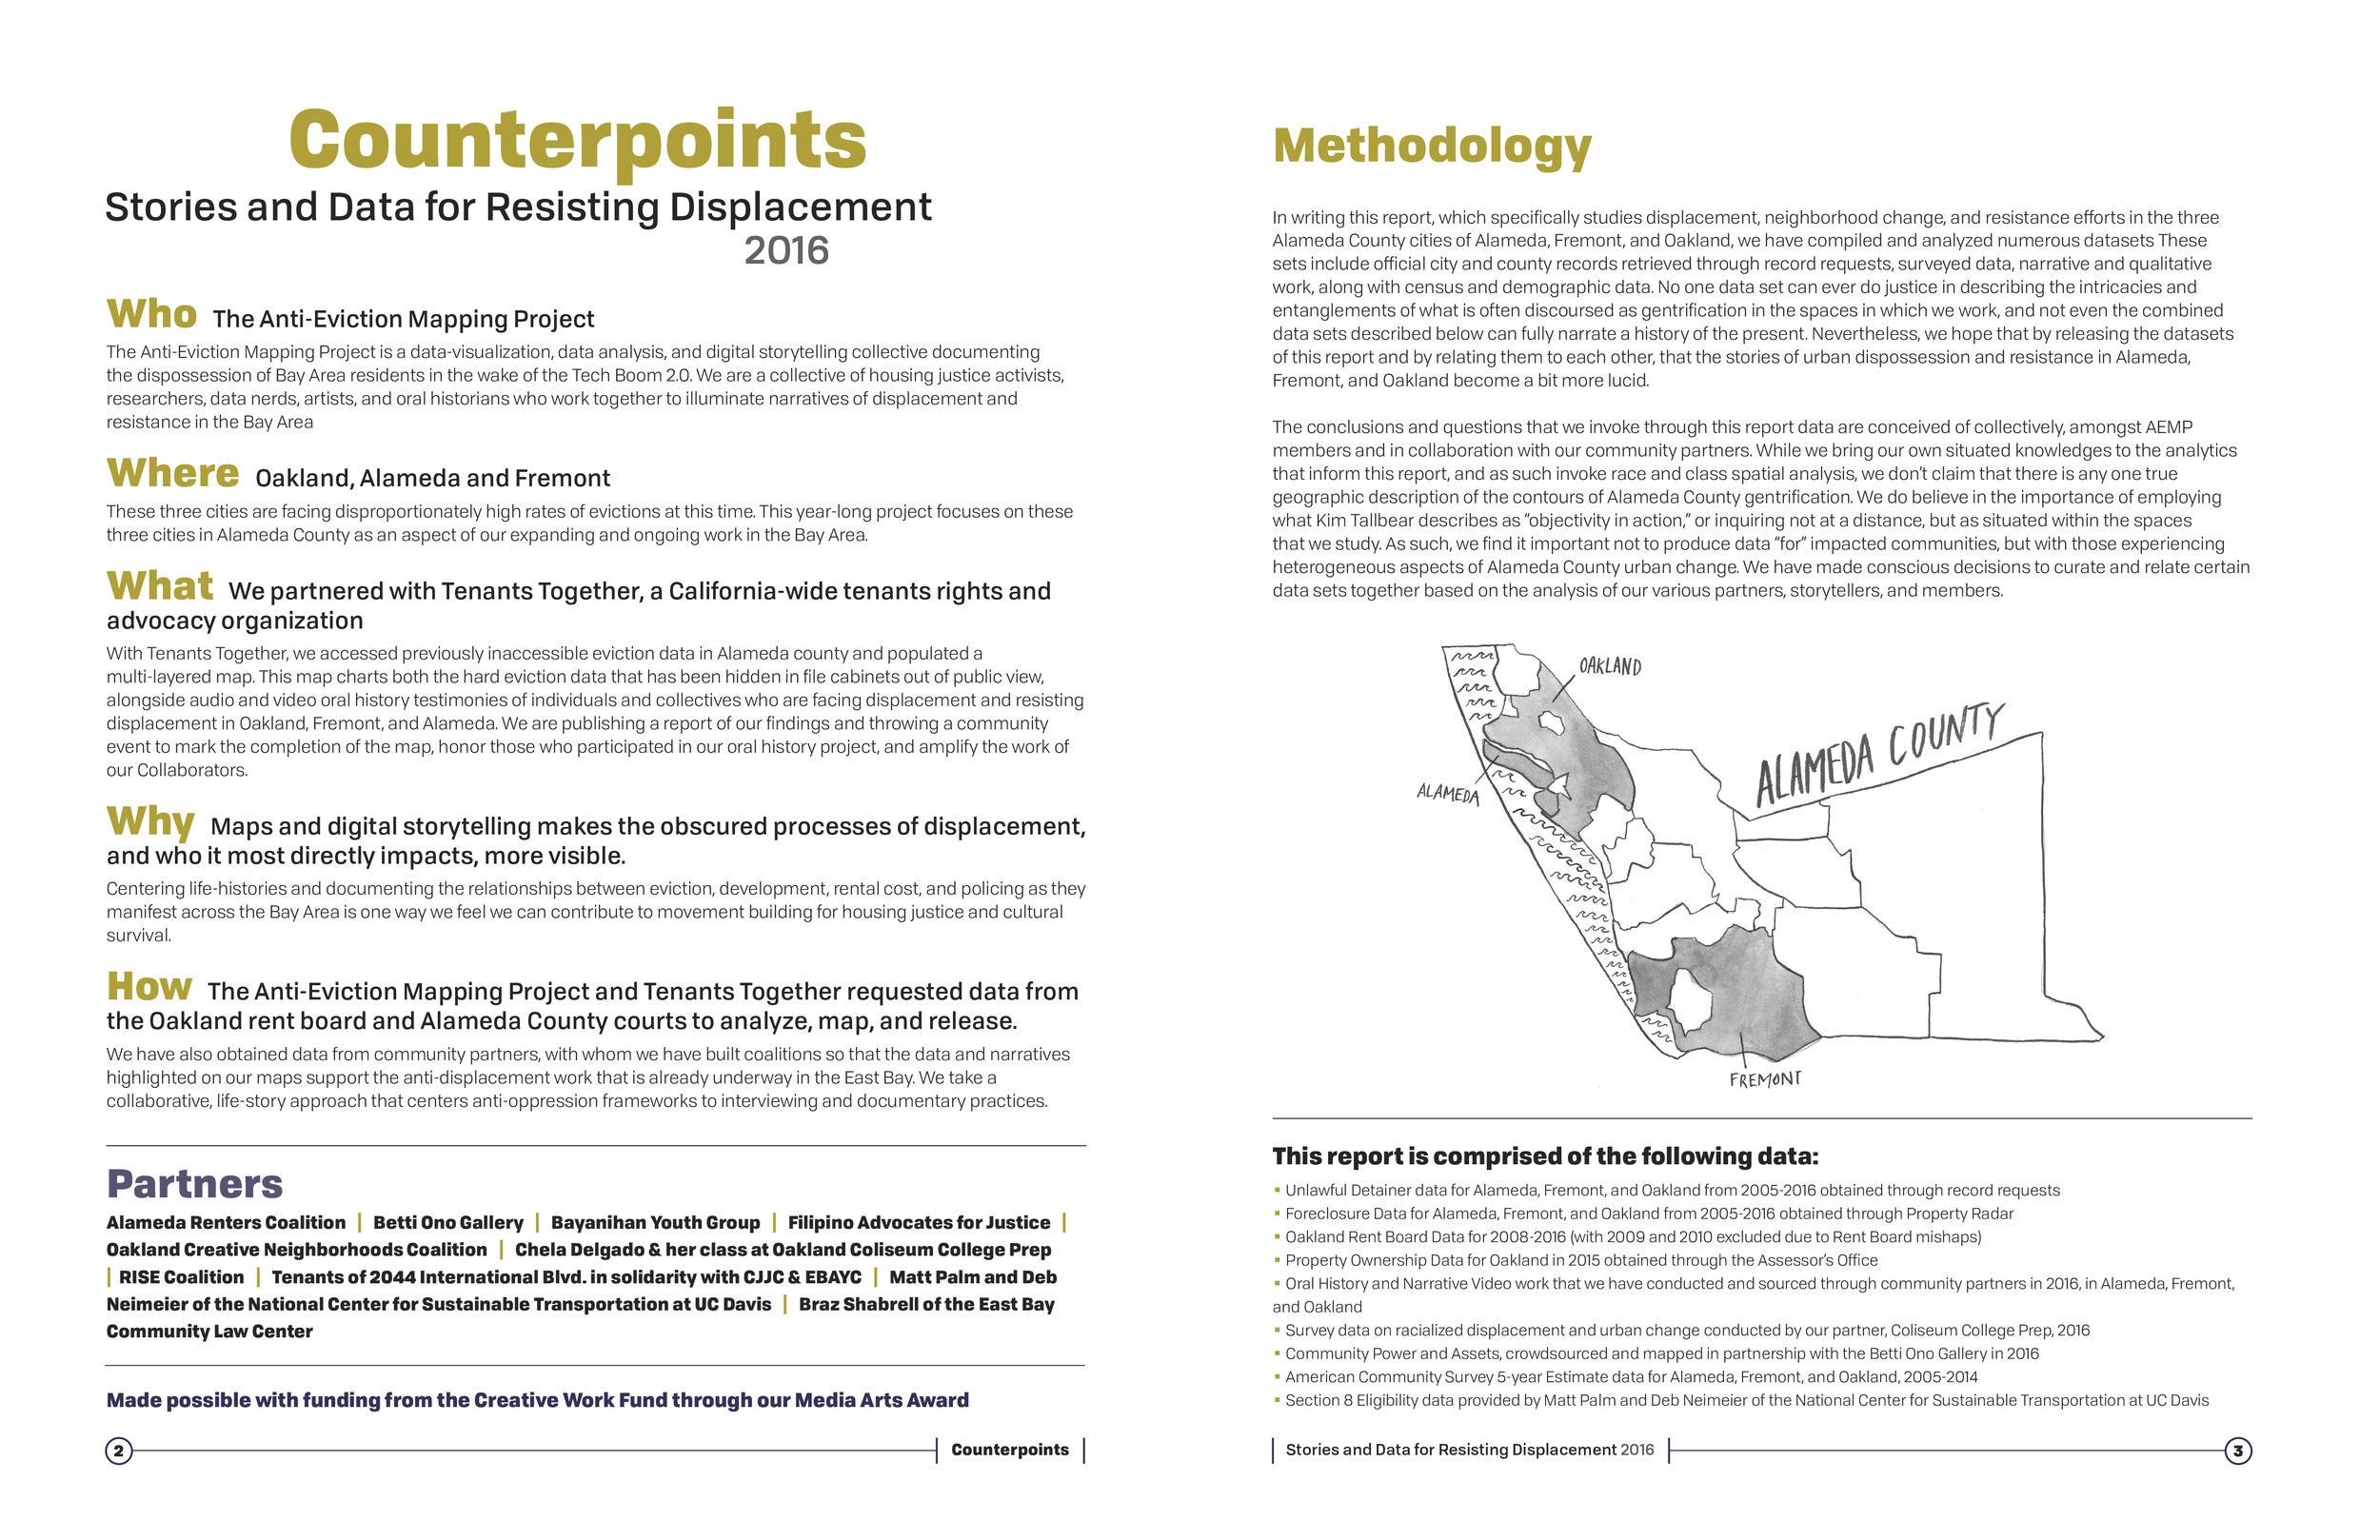 ALAMEDA-Report_2-3.jpg